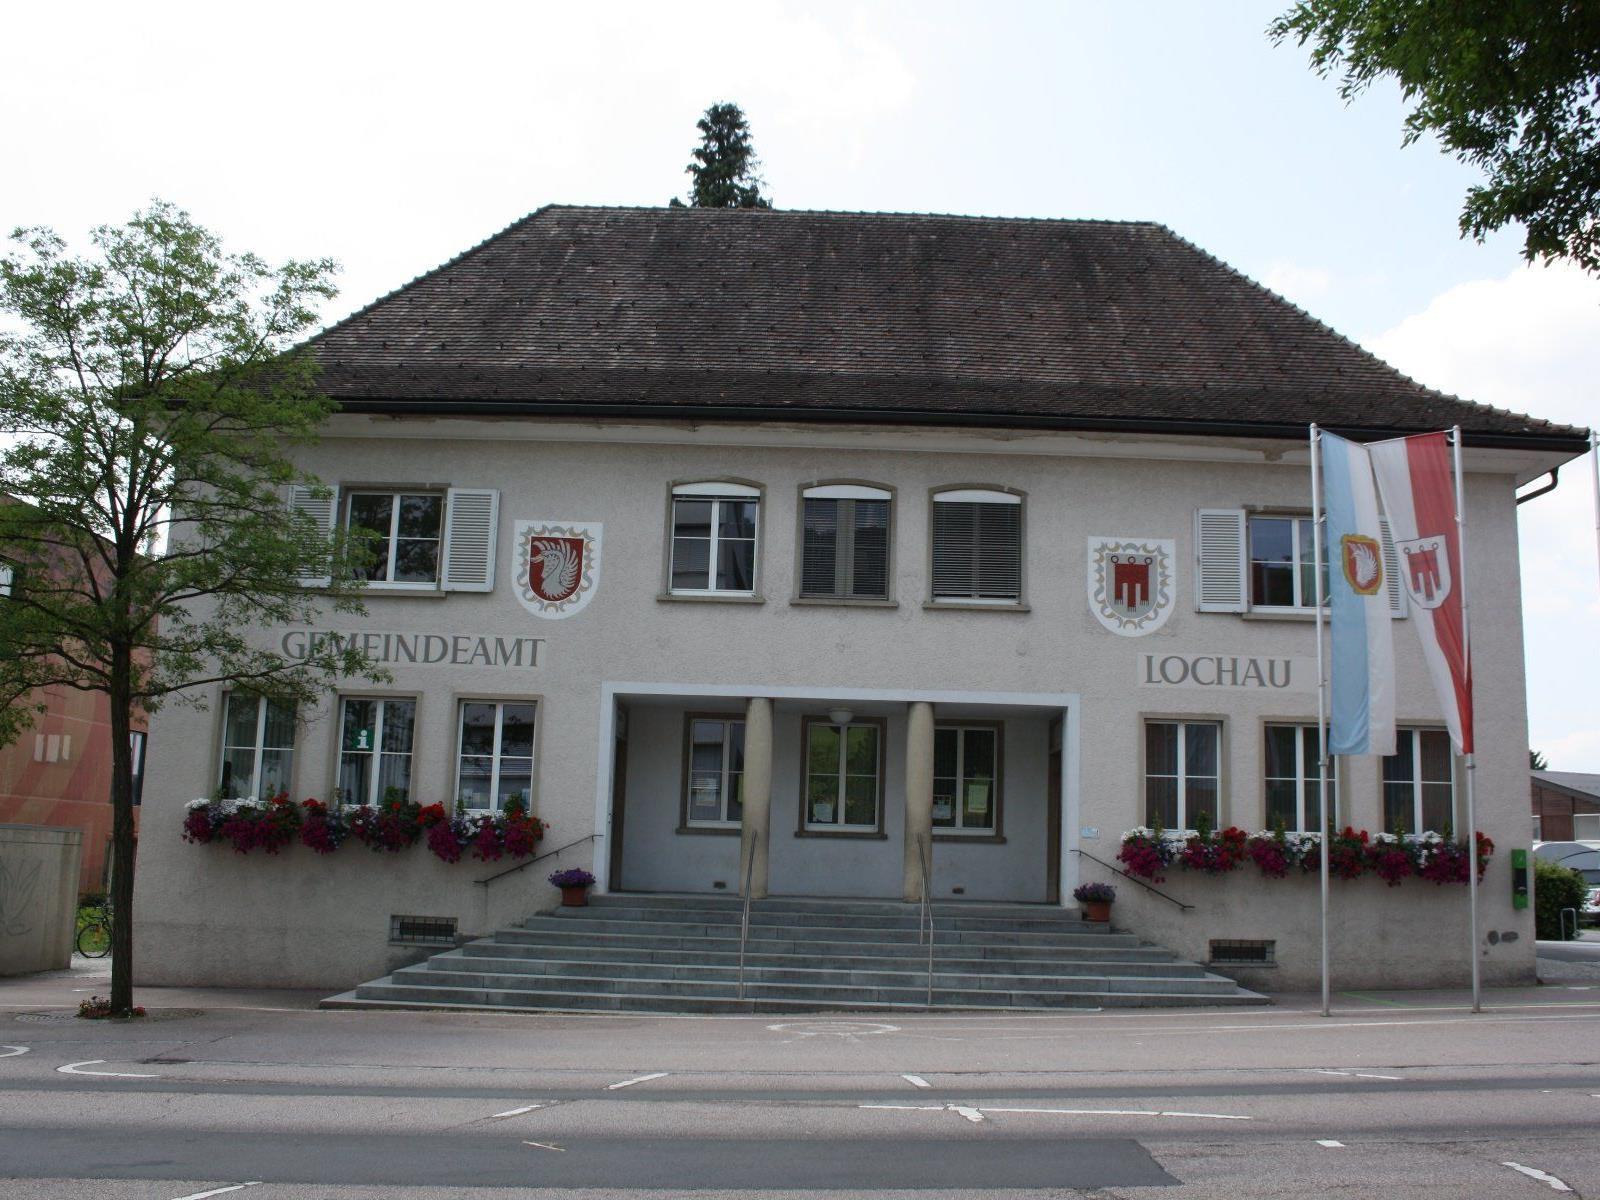 """Das in die Jahre gekommene Lochauer Gemeindeamt soll durch ein nachhaltiges und funktionelles """"Gemeinschaftshaus der Zukunft"""" mit großem Mehrwert auch für künftige Generationen ersetzt werden."""